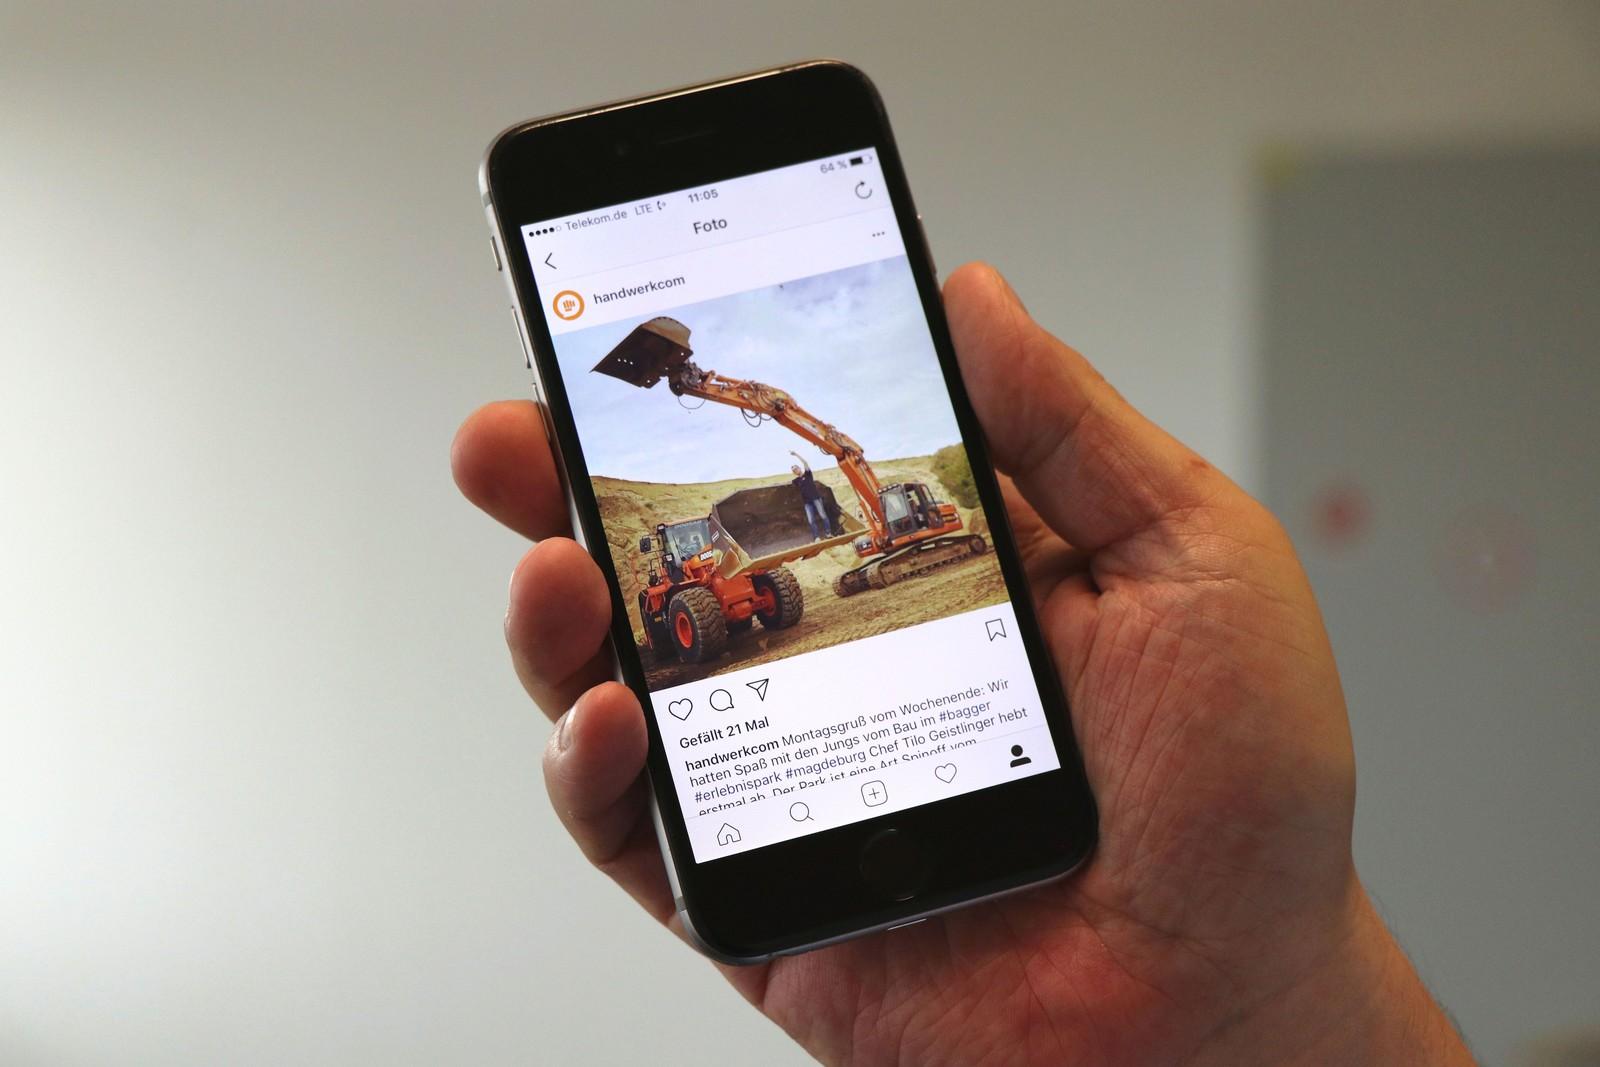 Der Business-Account von Instagram nutzt, kann den Account zum Beispiel über Facebook bearbeiten oder Beiträge bewerben.